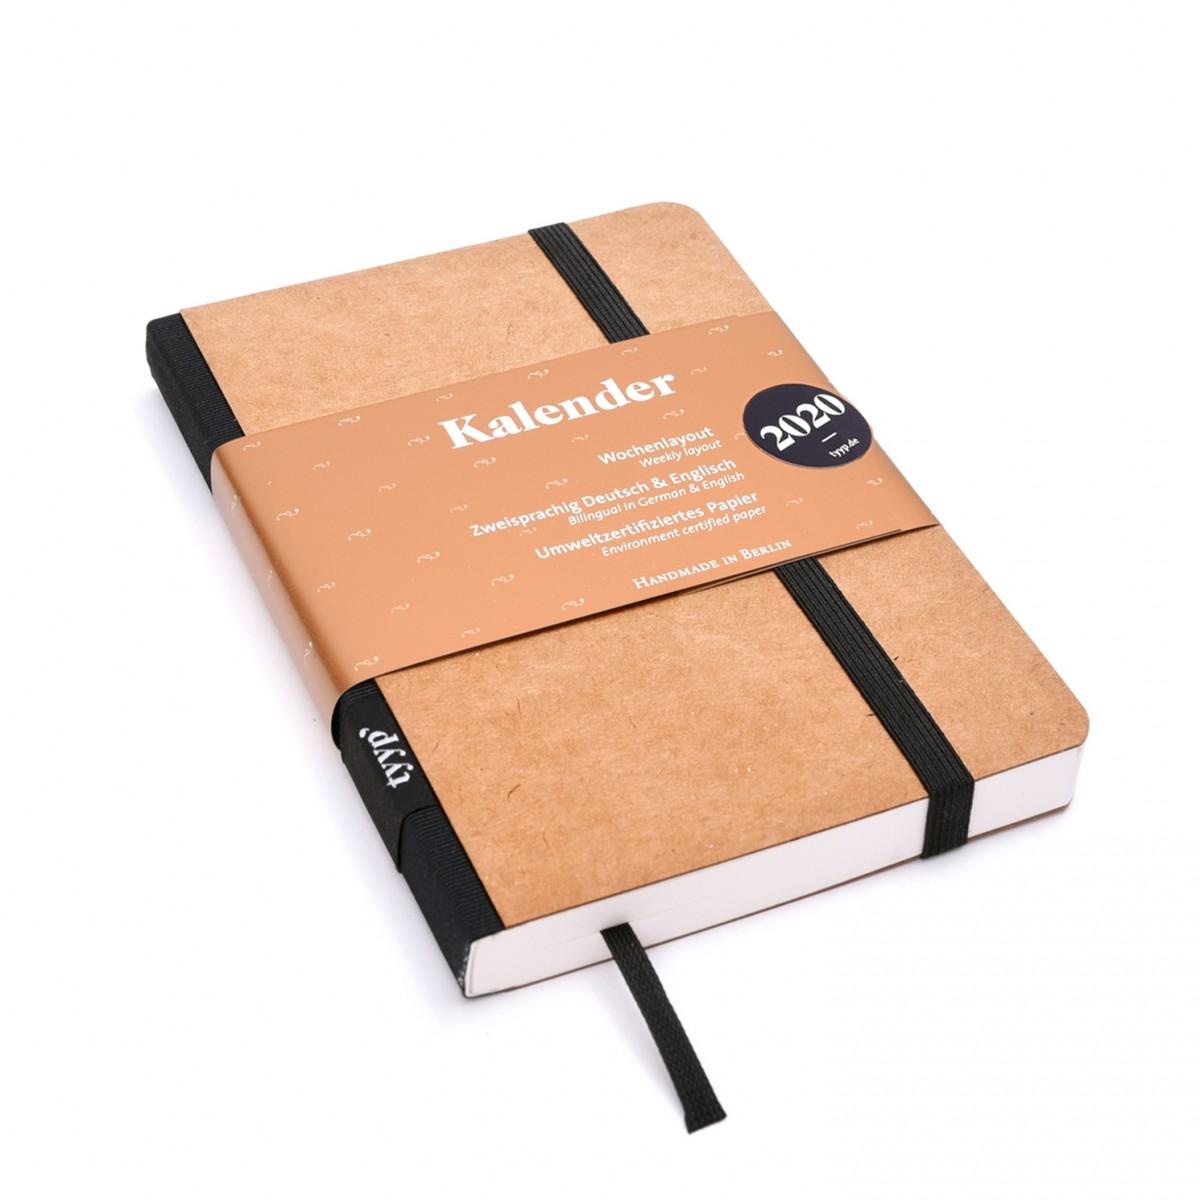 tyyp Kalender 2020 - Natur, DIN A6, Handmade